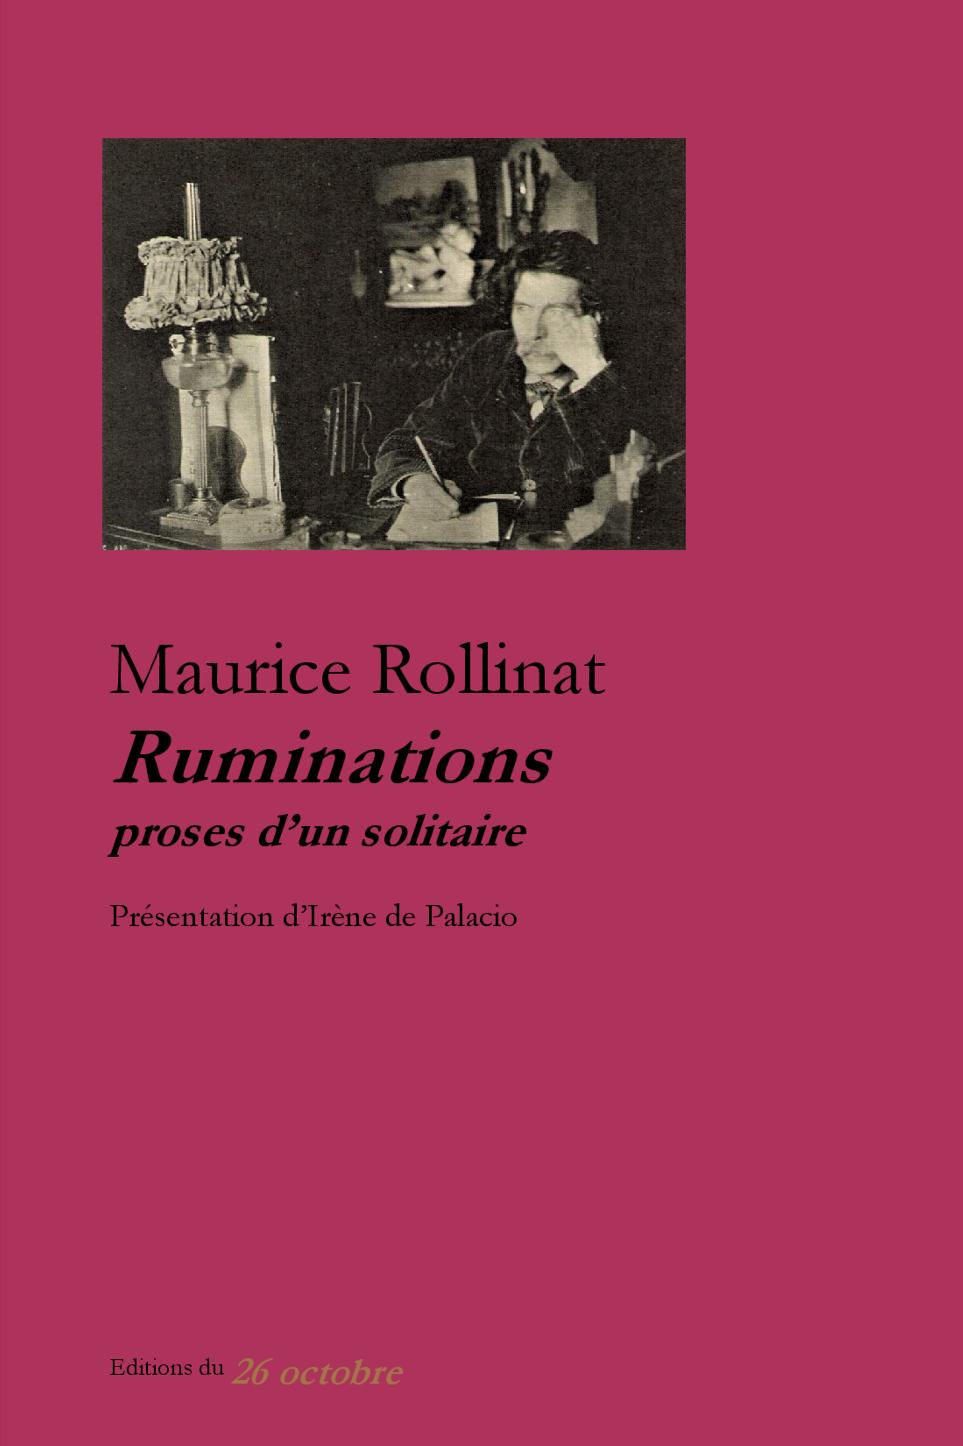 Ruminations, proses d'un solitaire de Maurice Rollinat.